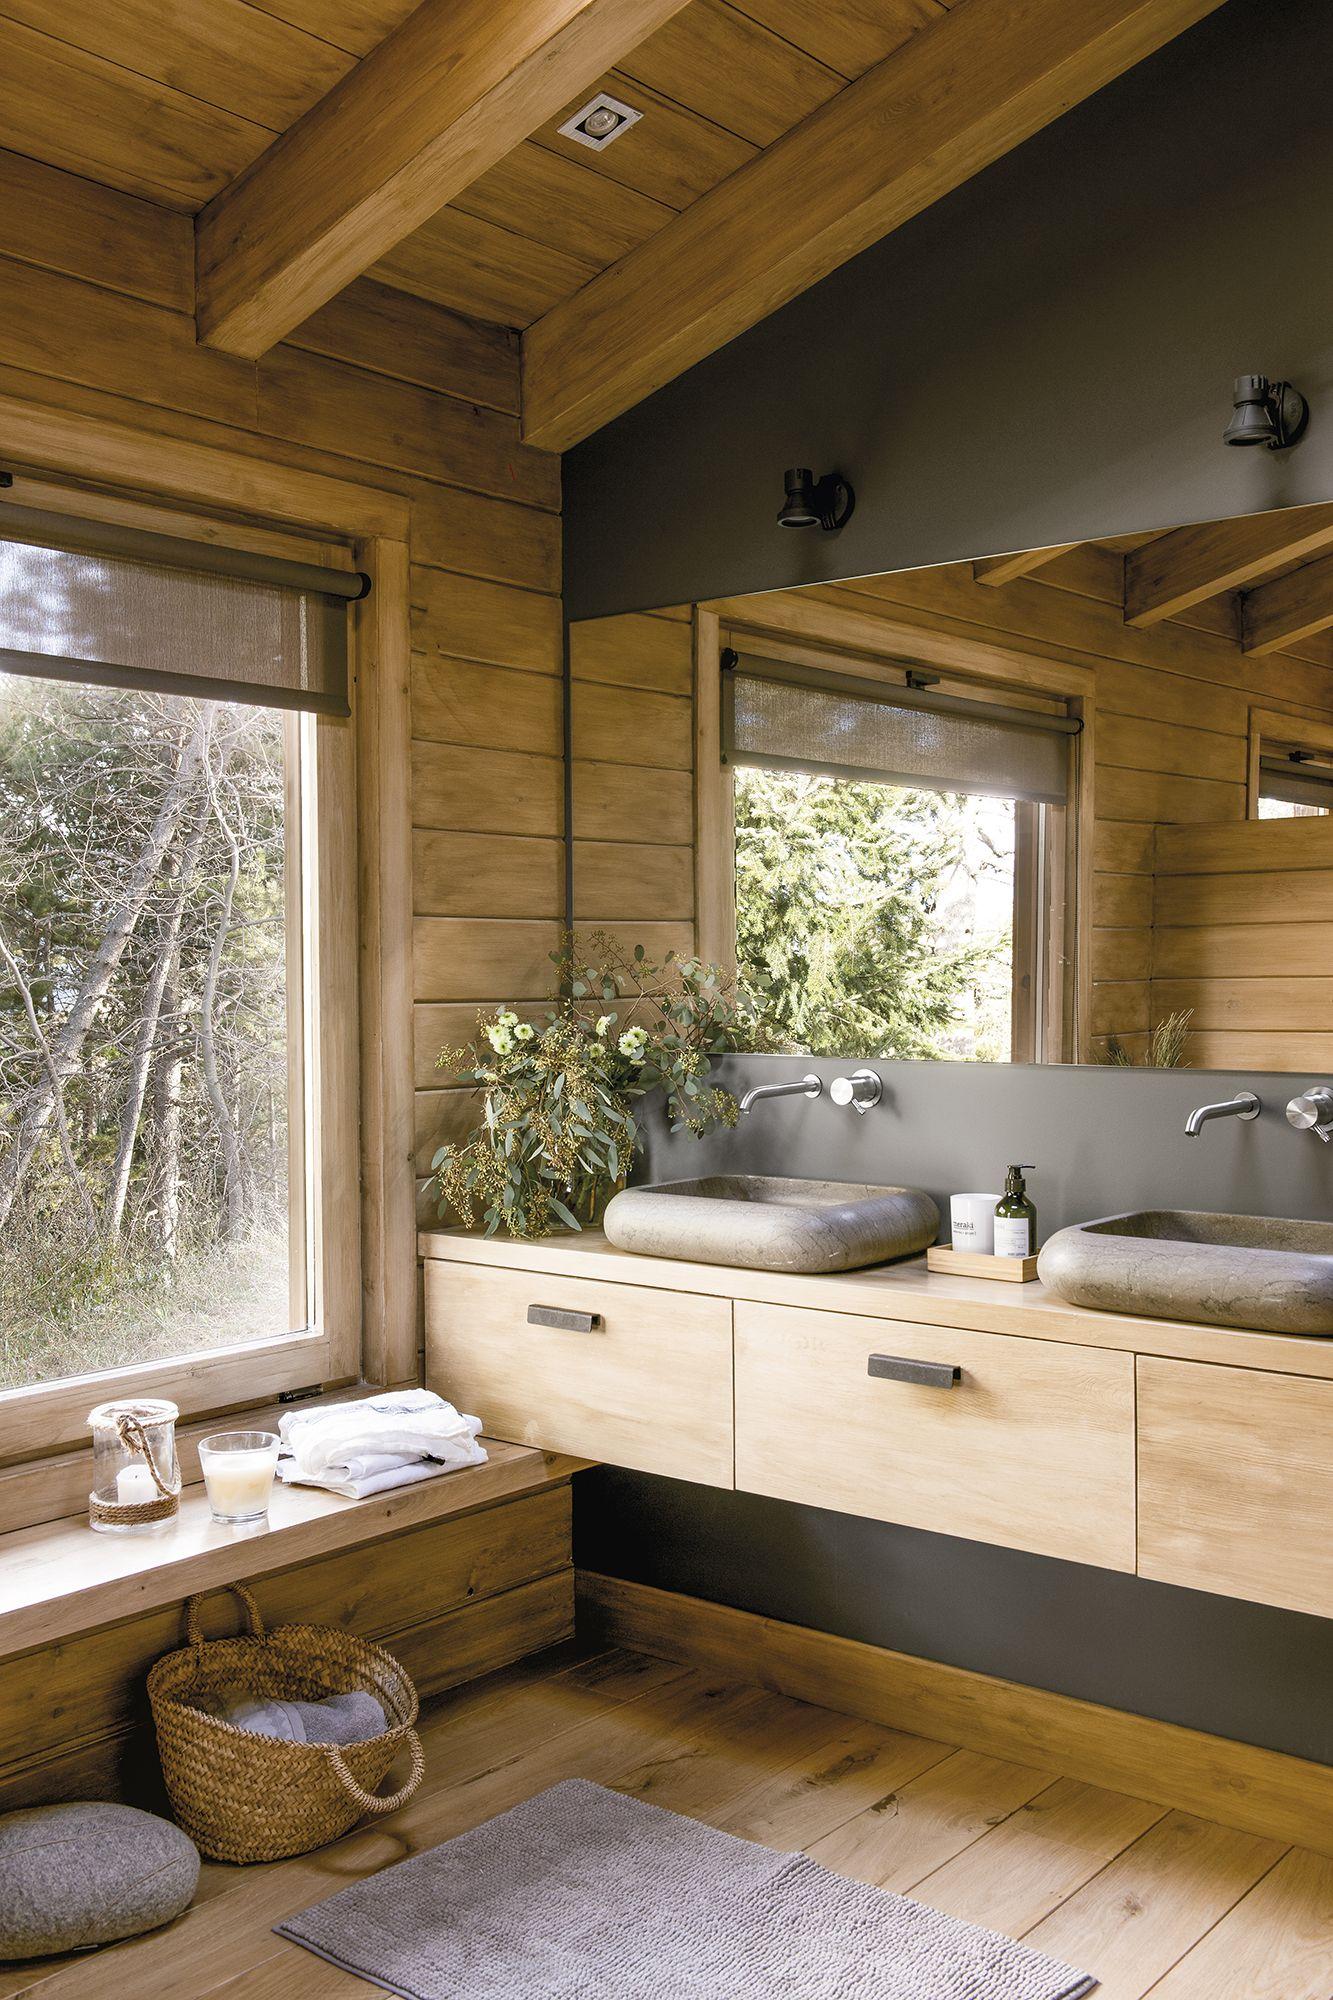 El ba o tambi n est envuelto en madera en 2019 ba os for Muebles rusticos de madera para banos